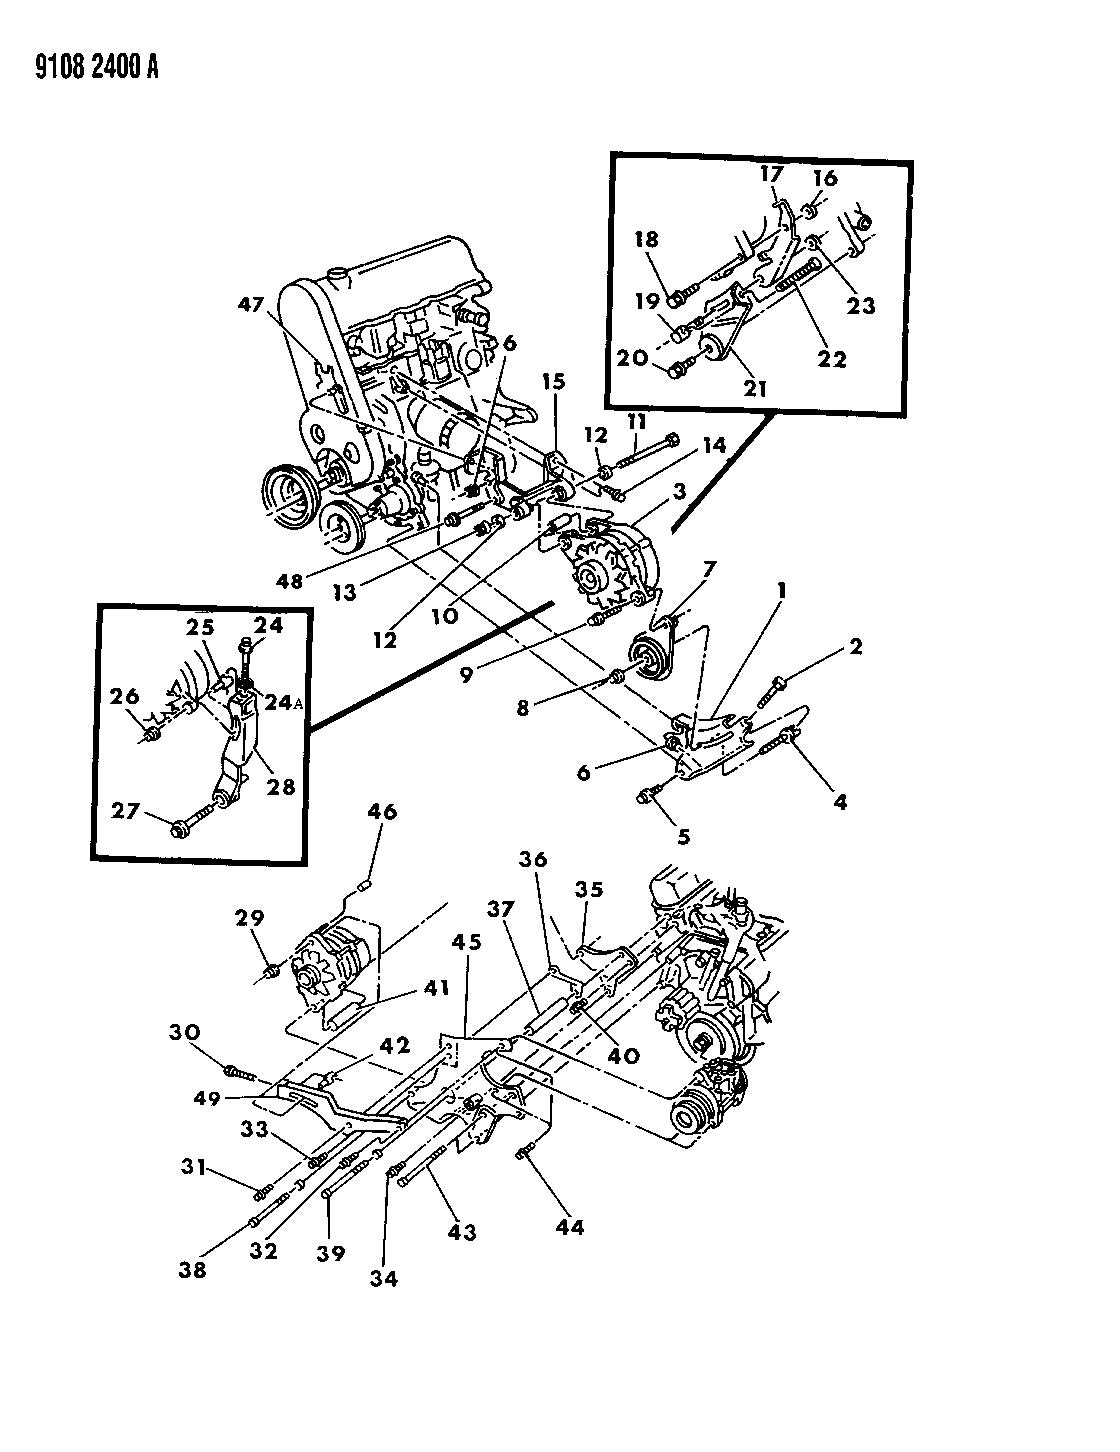 1989 Chrysler Lebaron Gtc Alternator Mounting Wiring Diagram